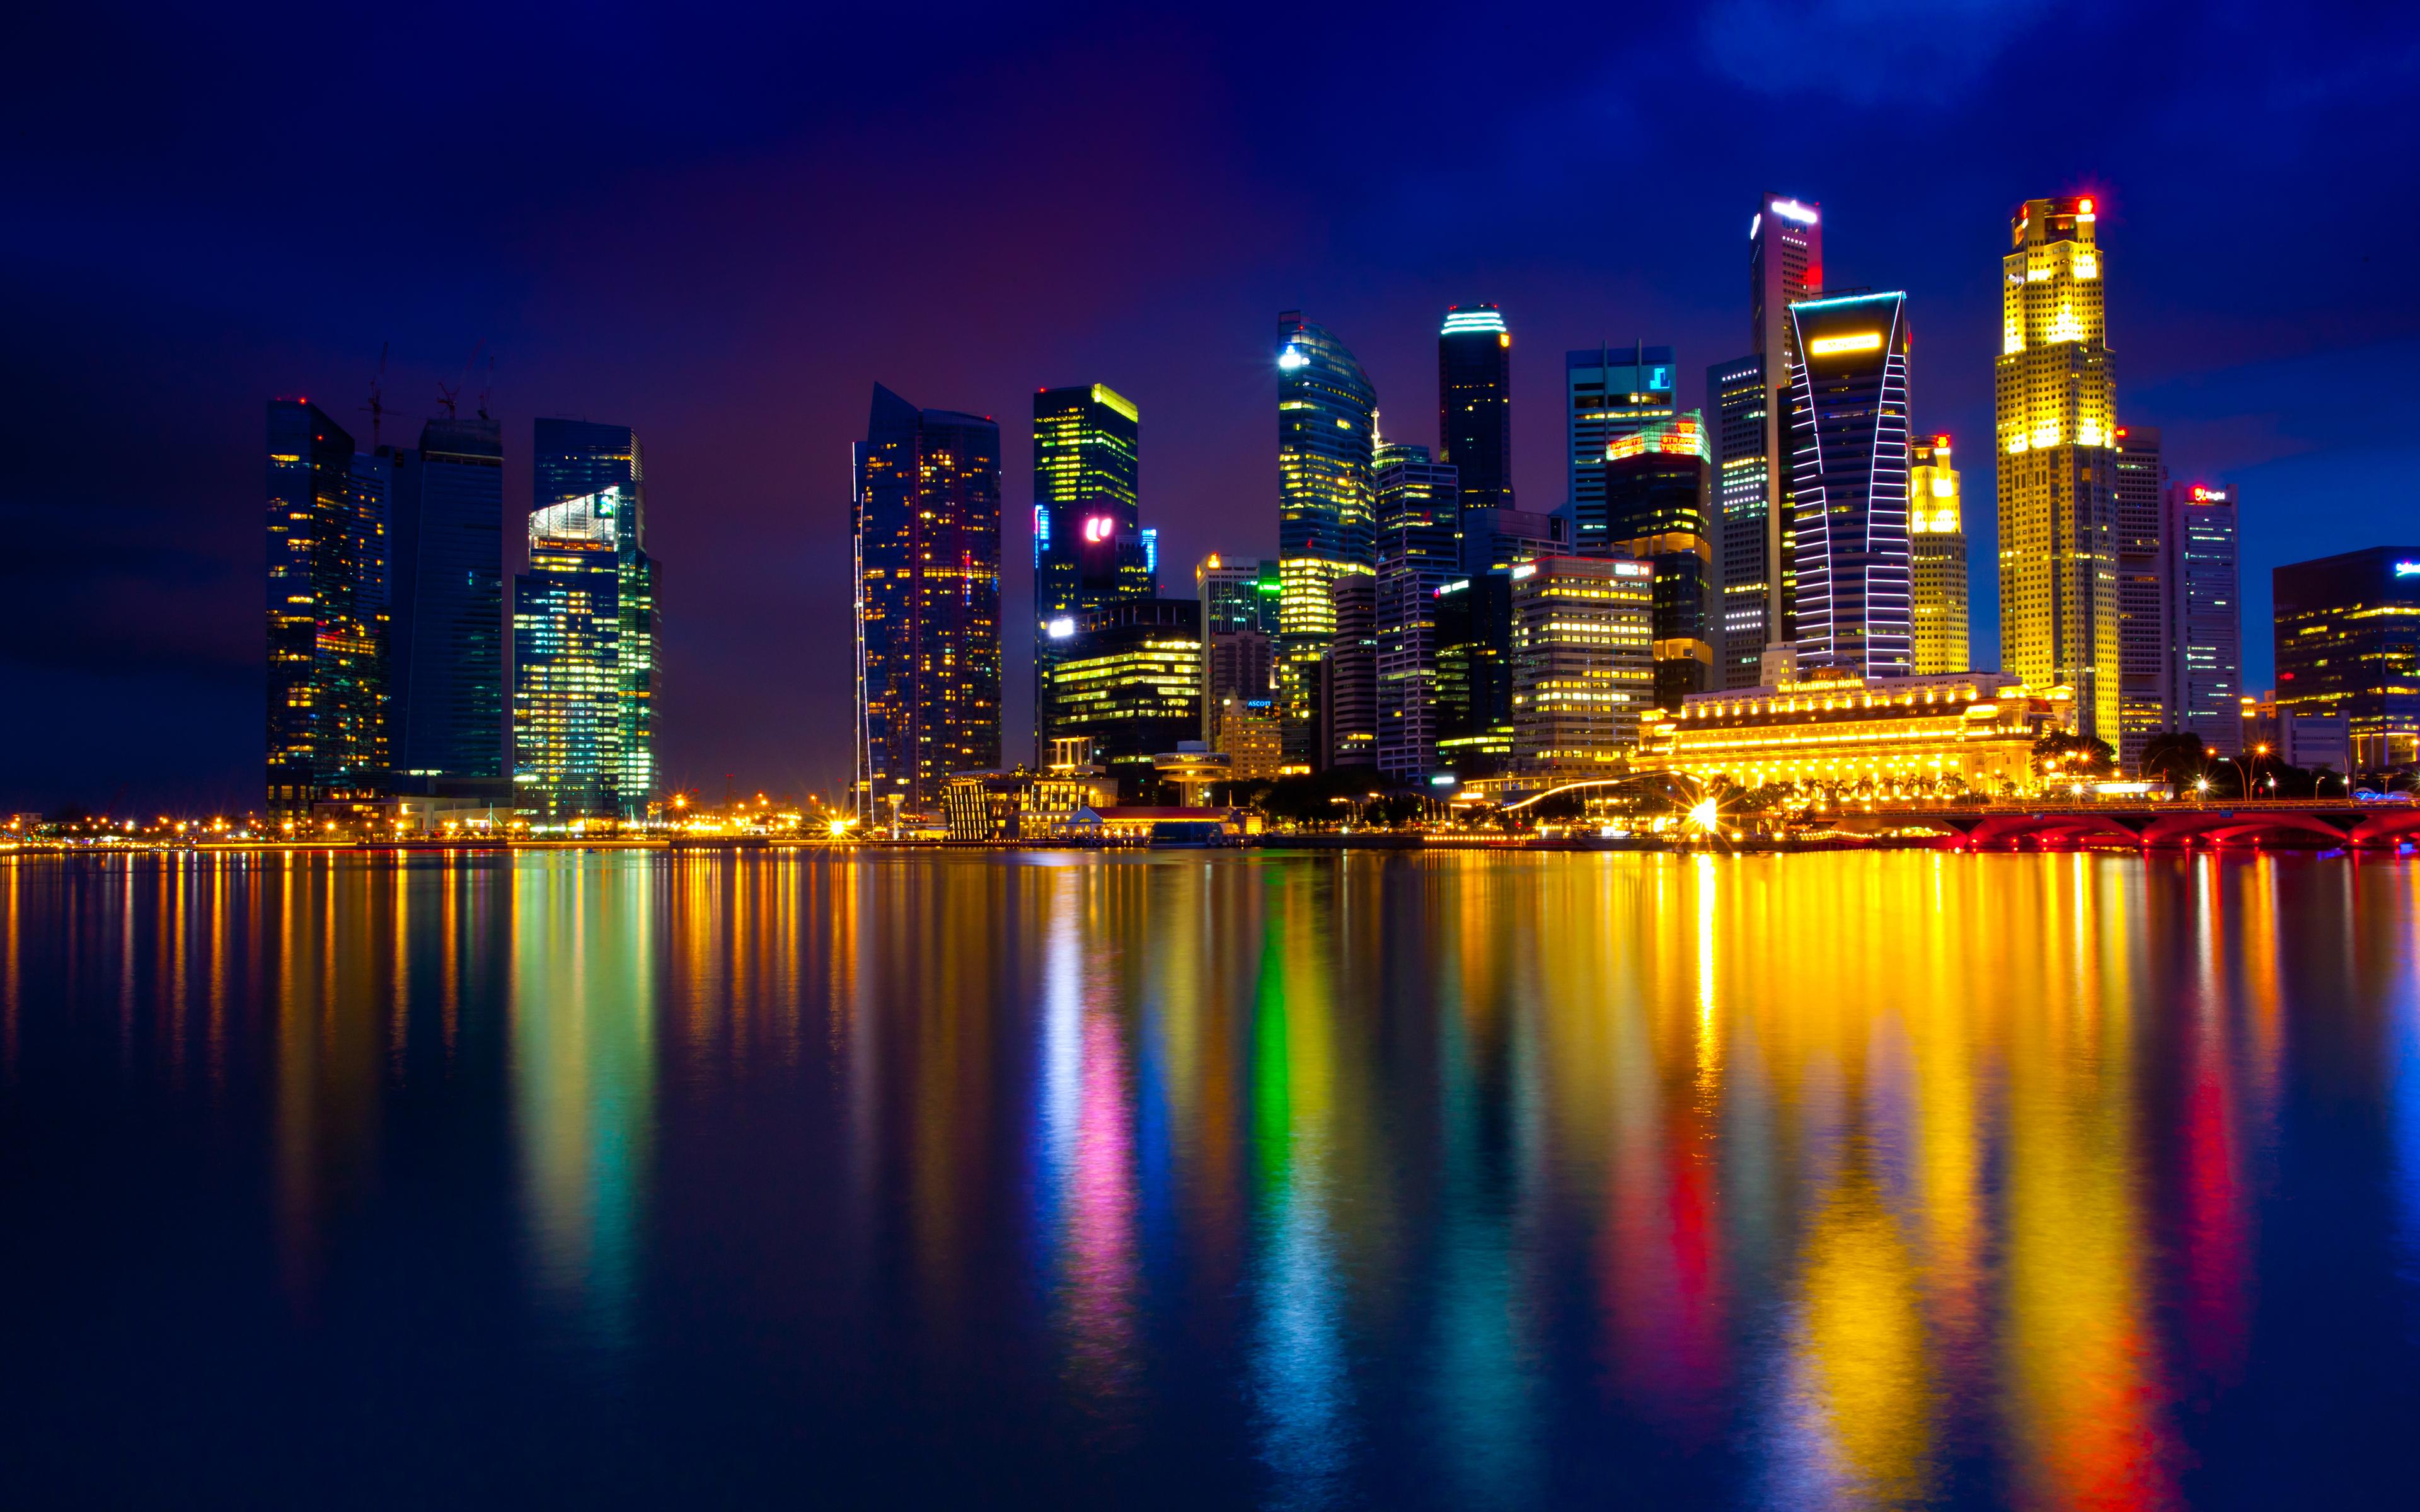 страны архитектура ночь Сингапур country architecture night Singapore бесплатно